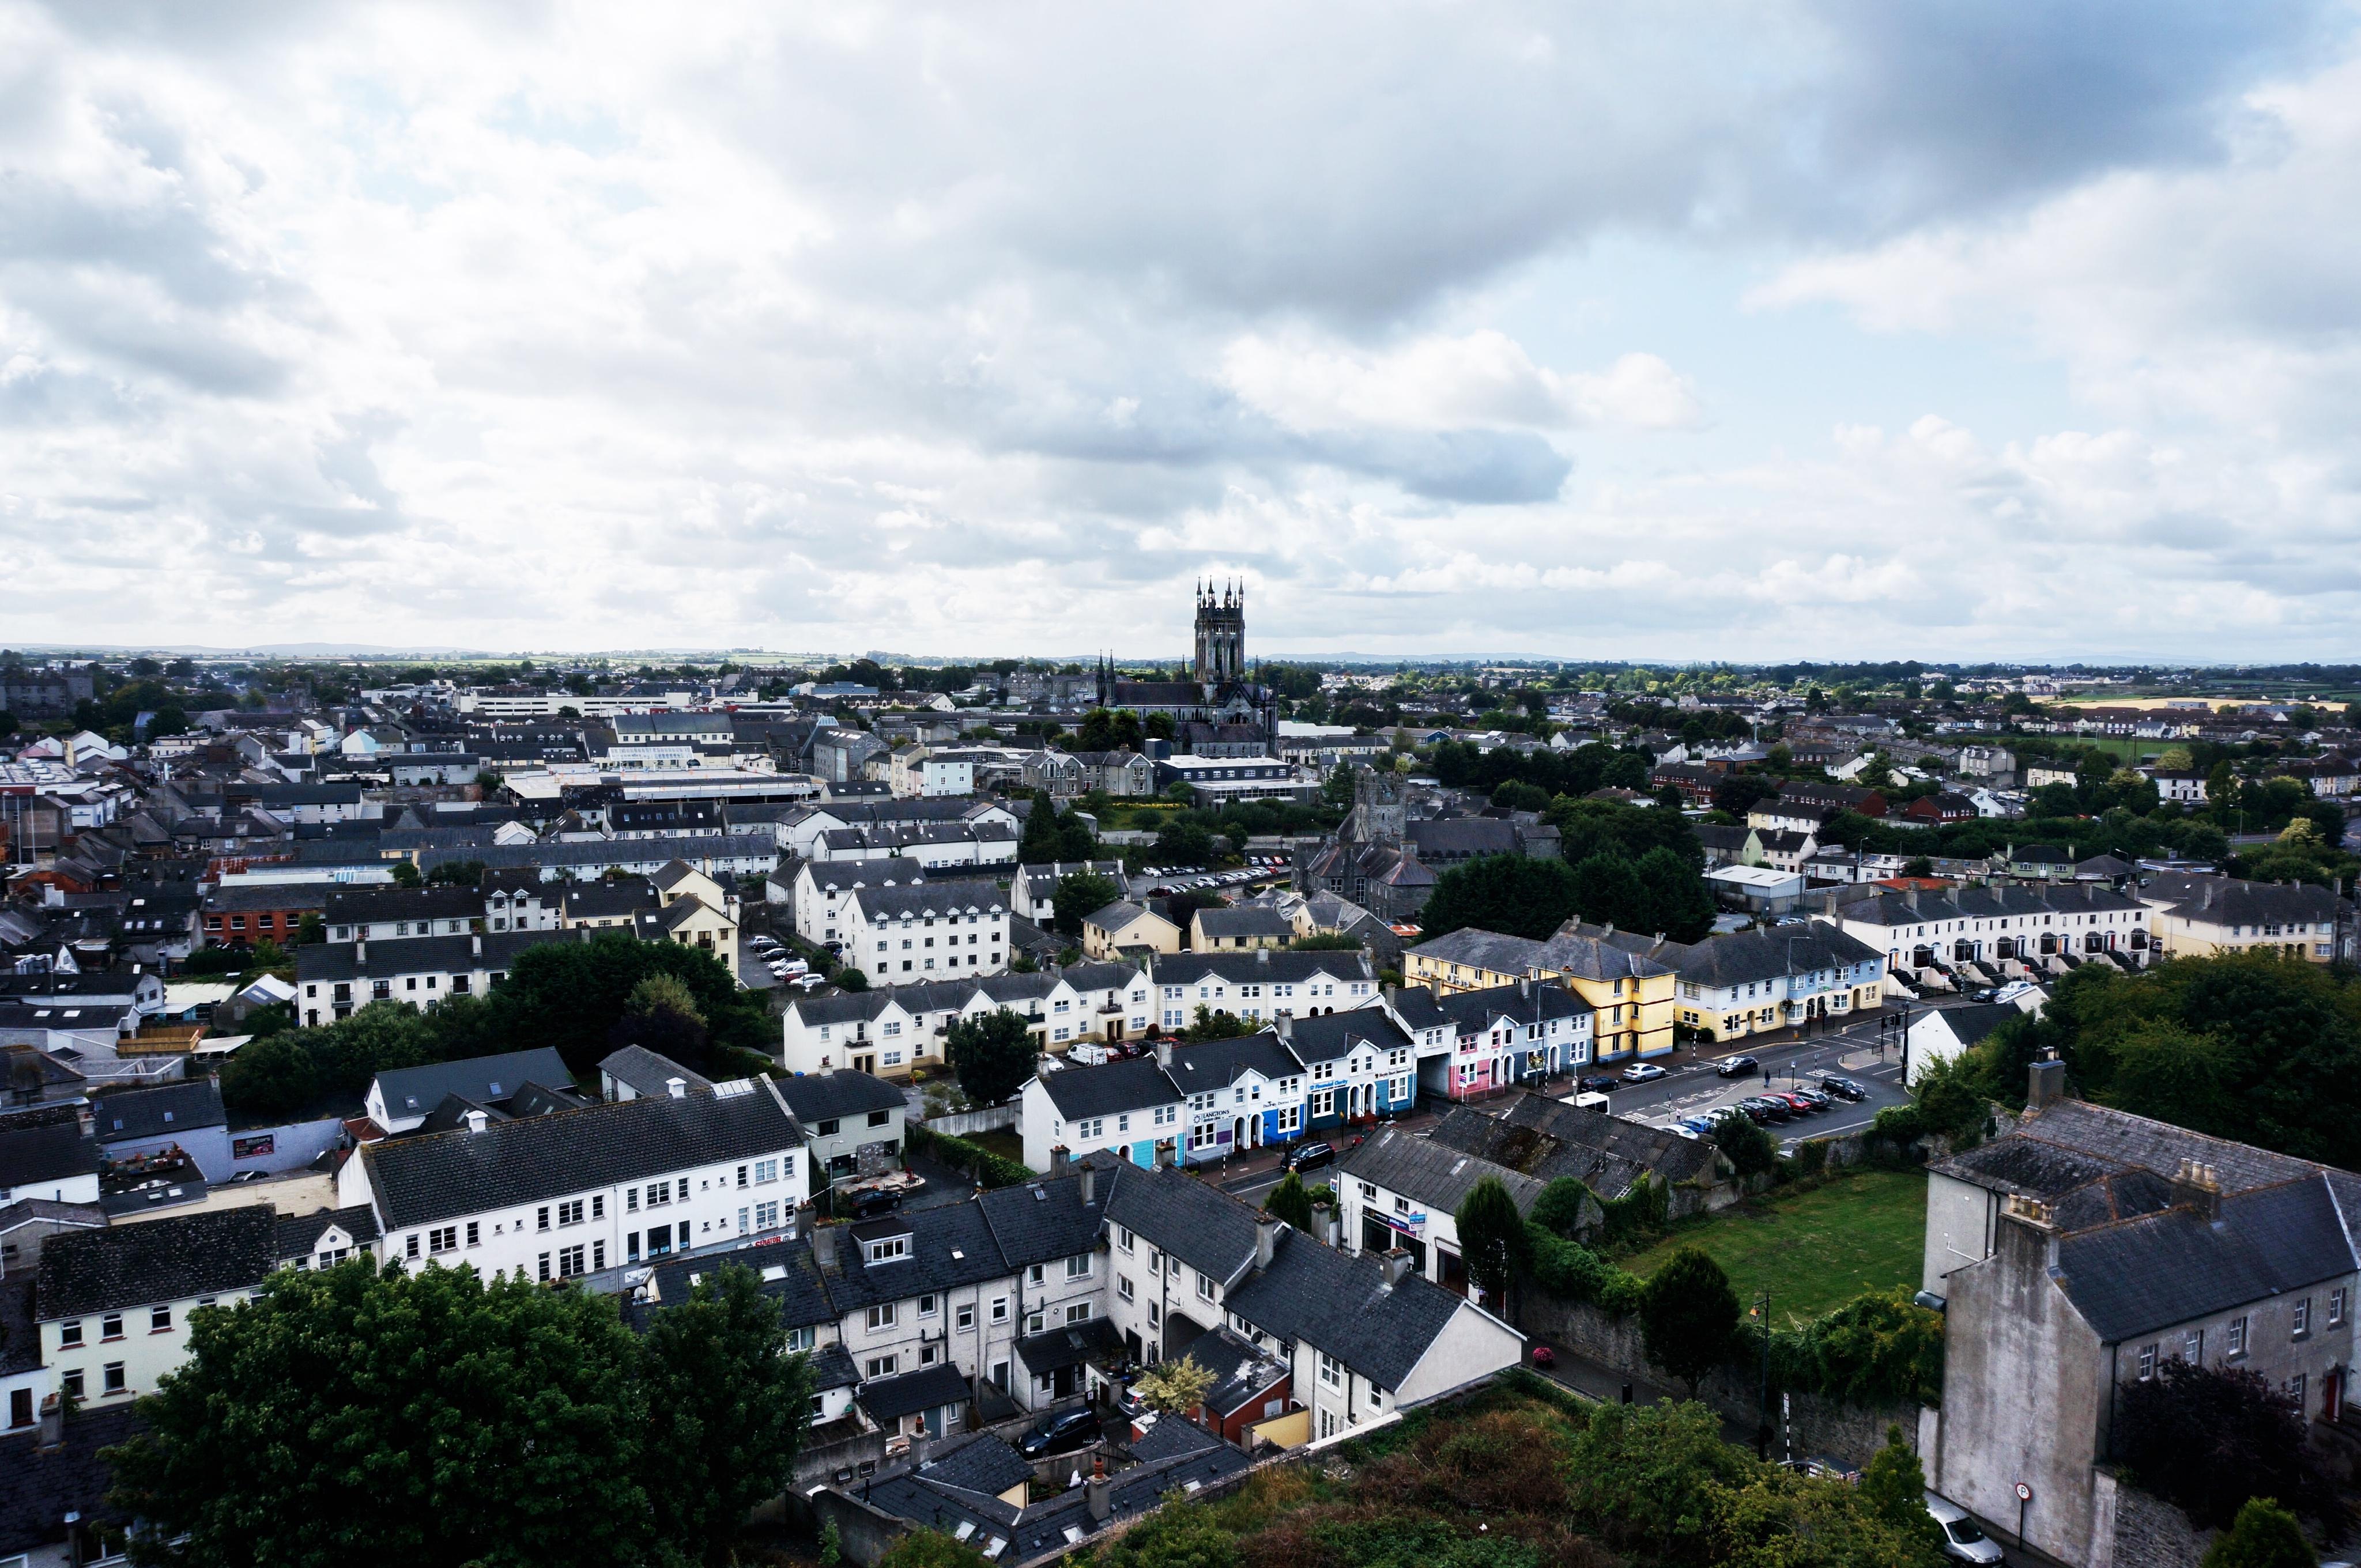 Aussicht, Kilkenny, Irland, Turm, Aussicht